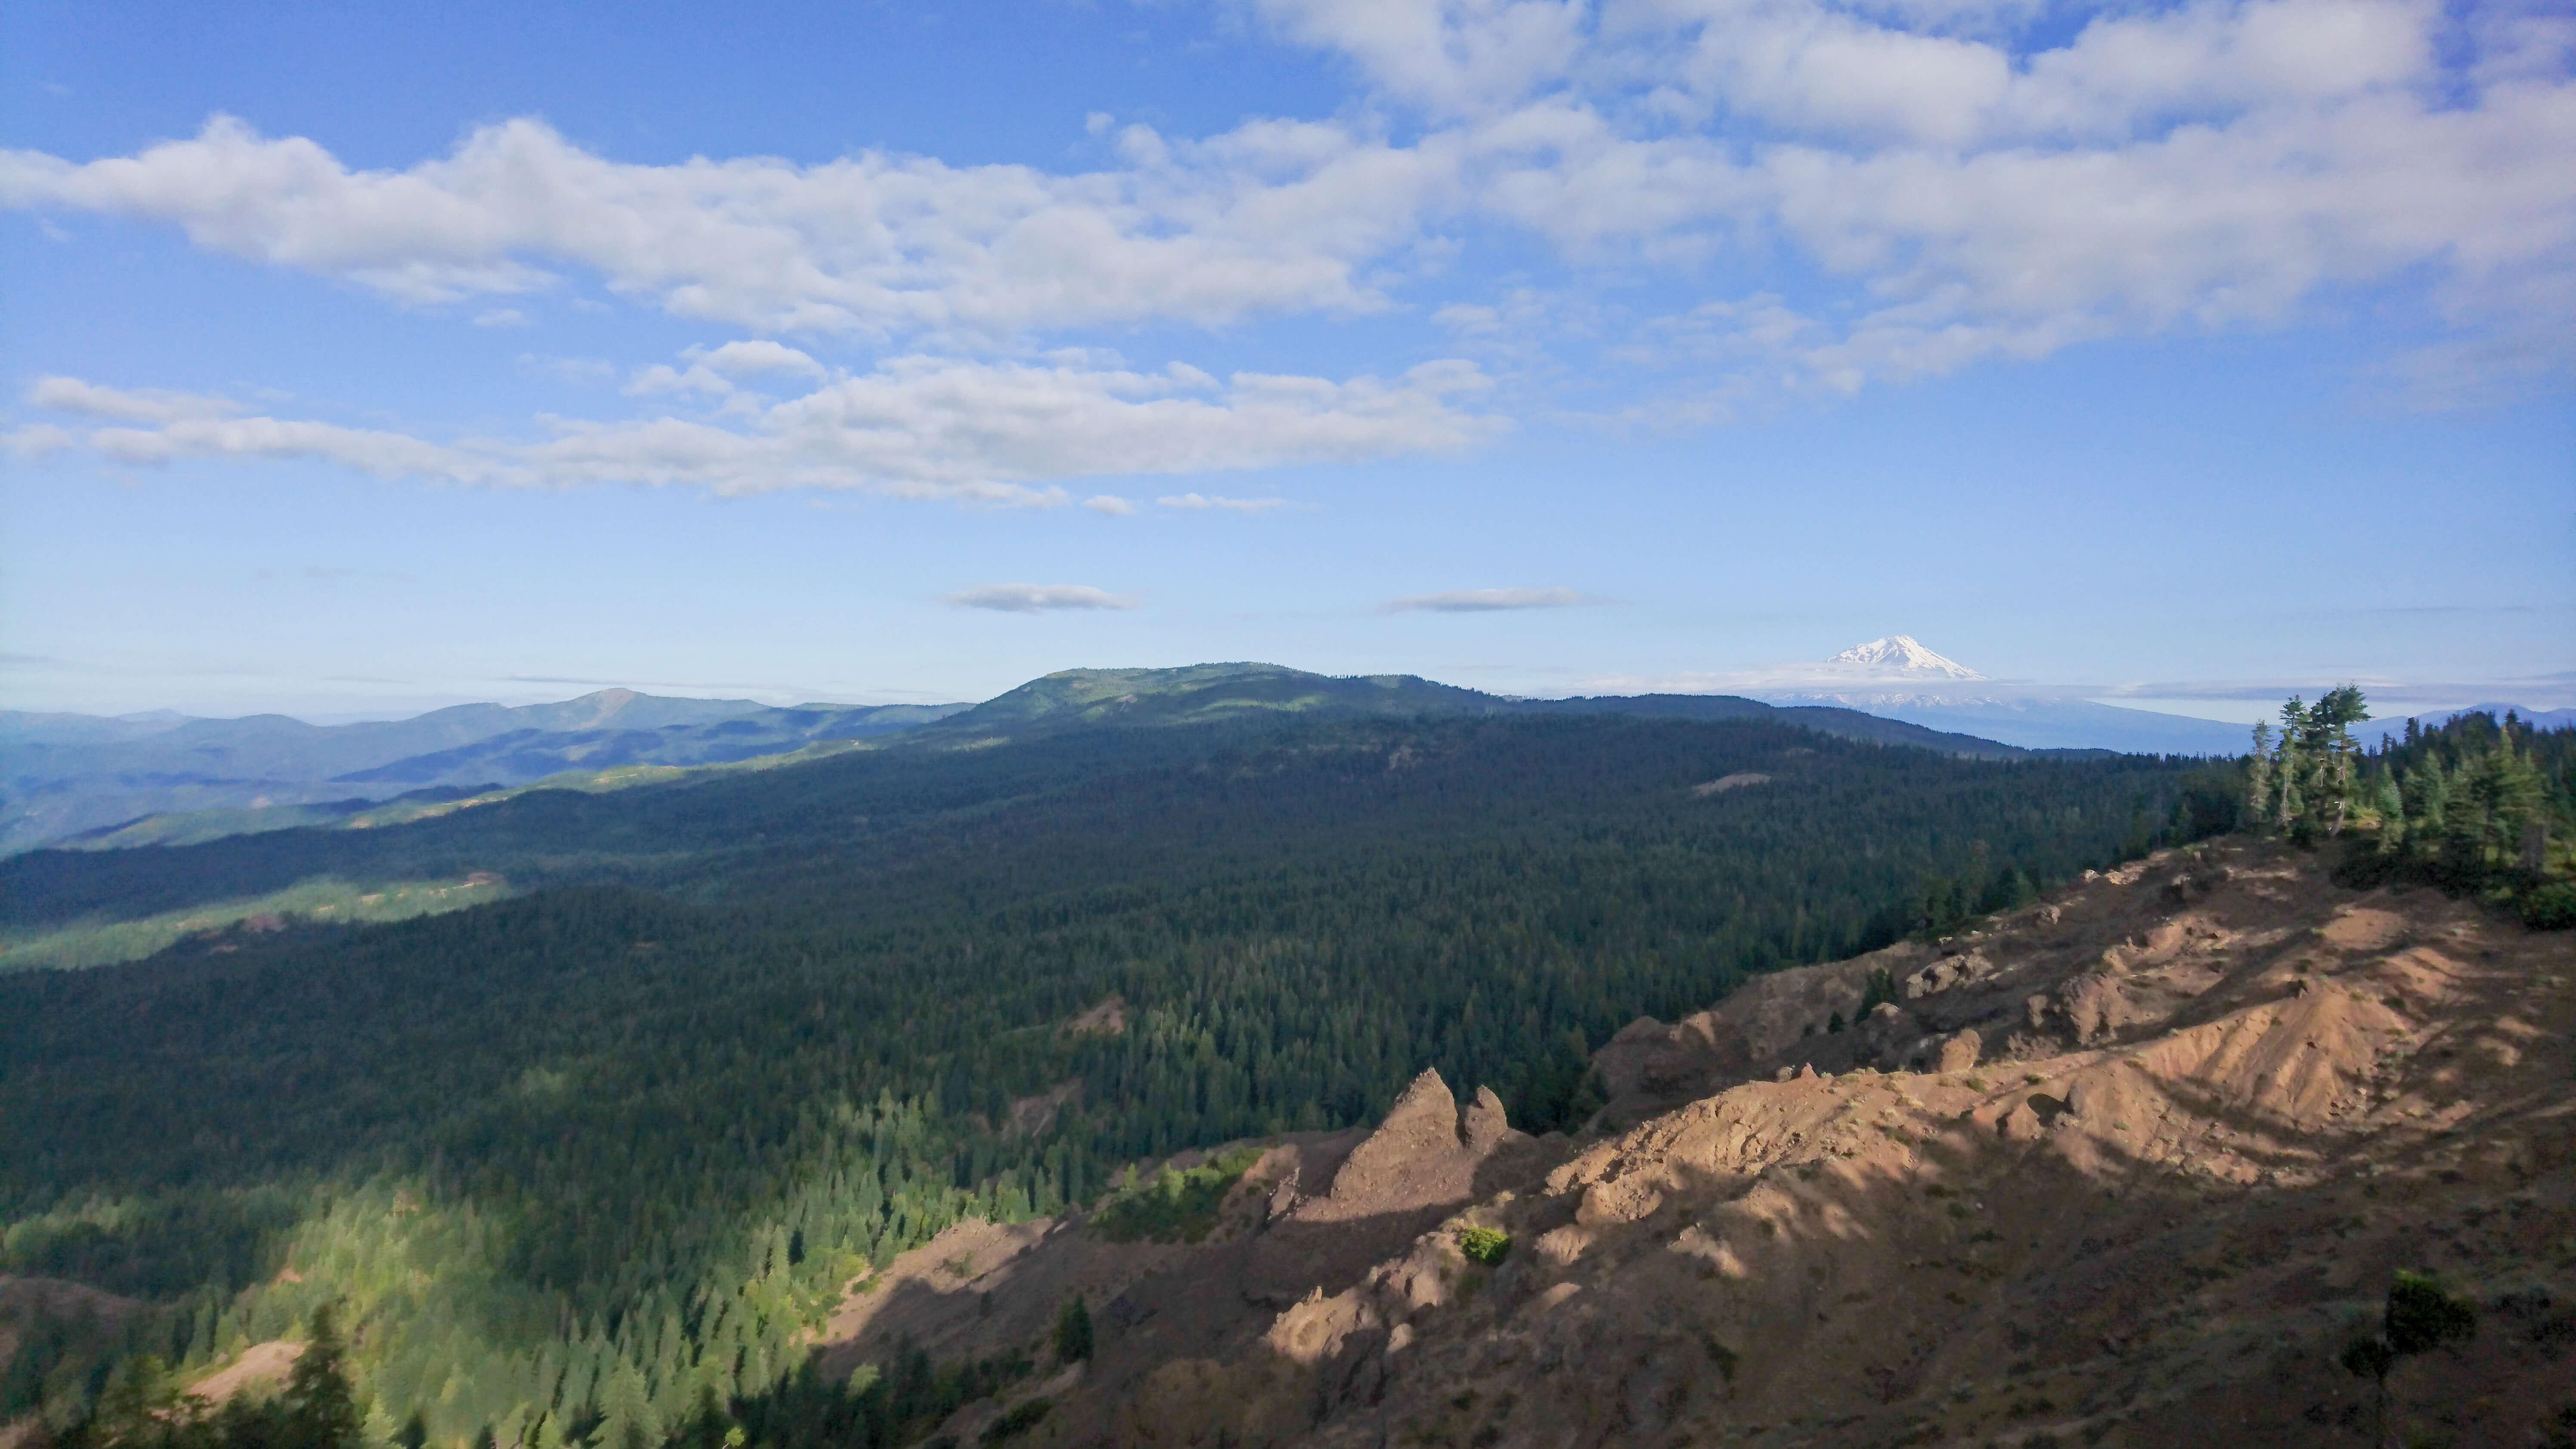 Vue sur les crêtes et le Mont Shasta